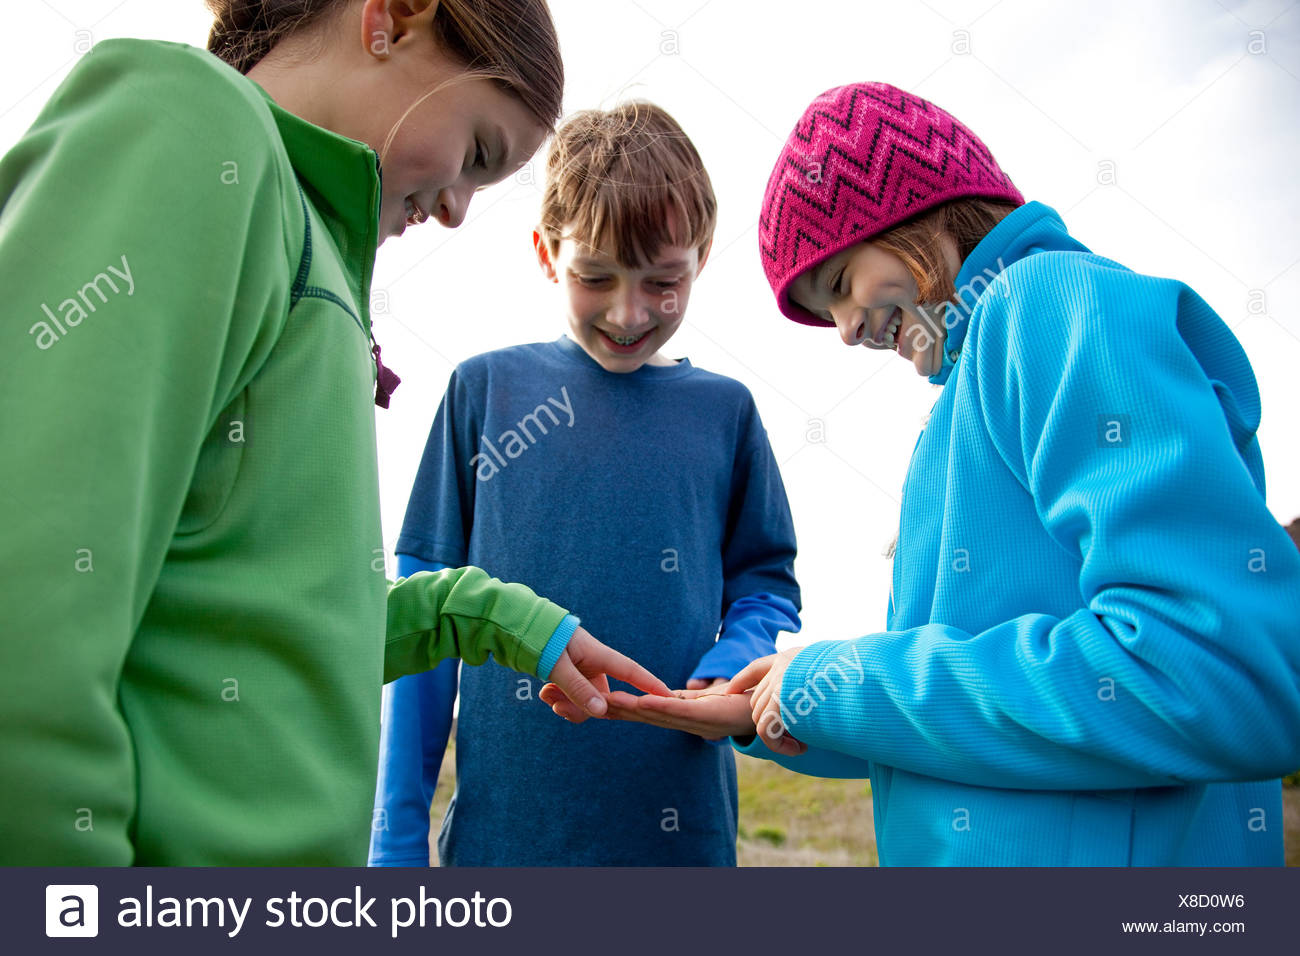 Trois enfants examinant un bug trouvé lors d'une randonnée. Photo Stock